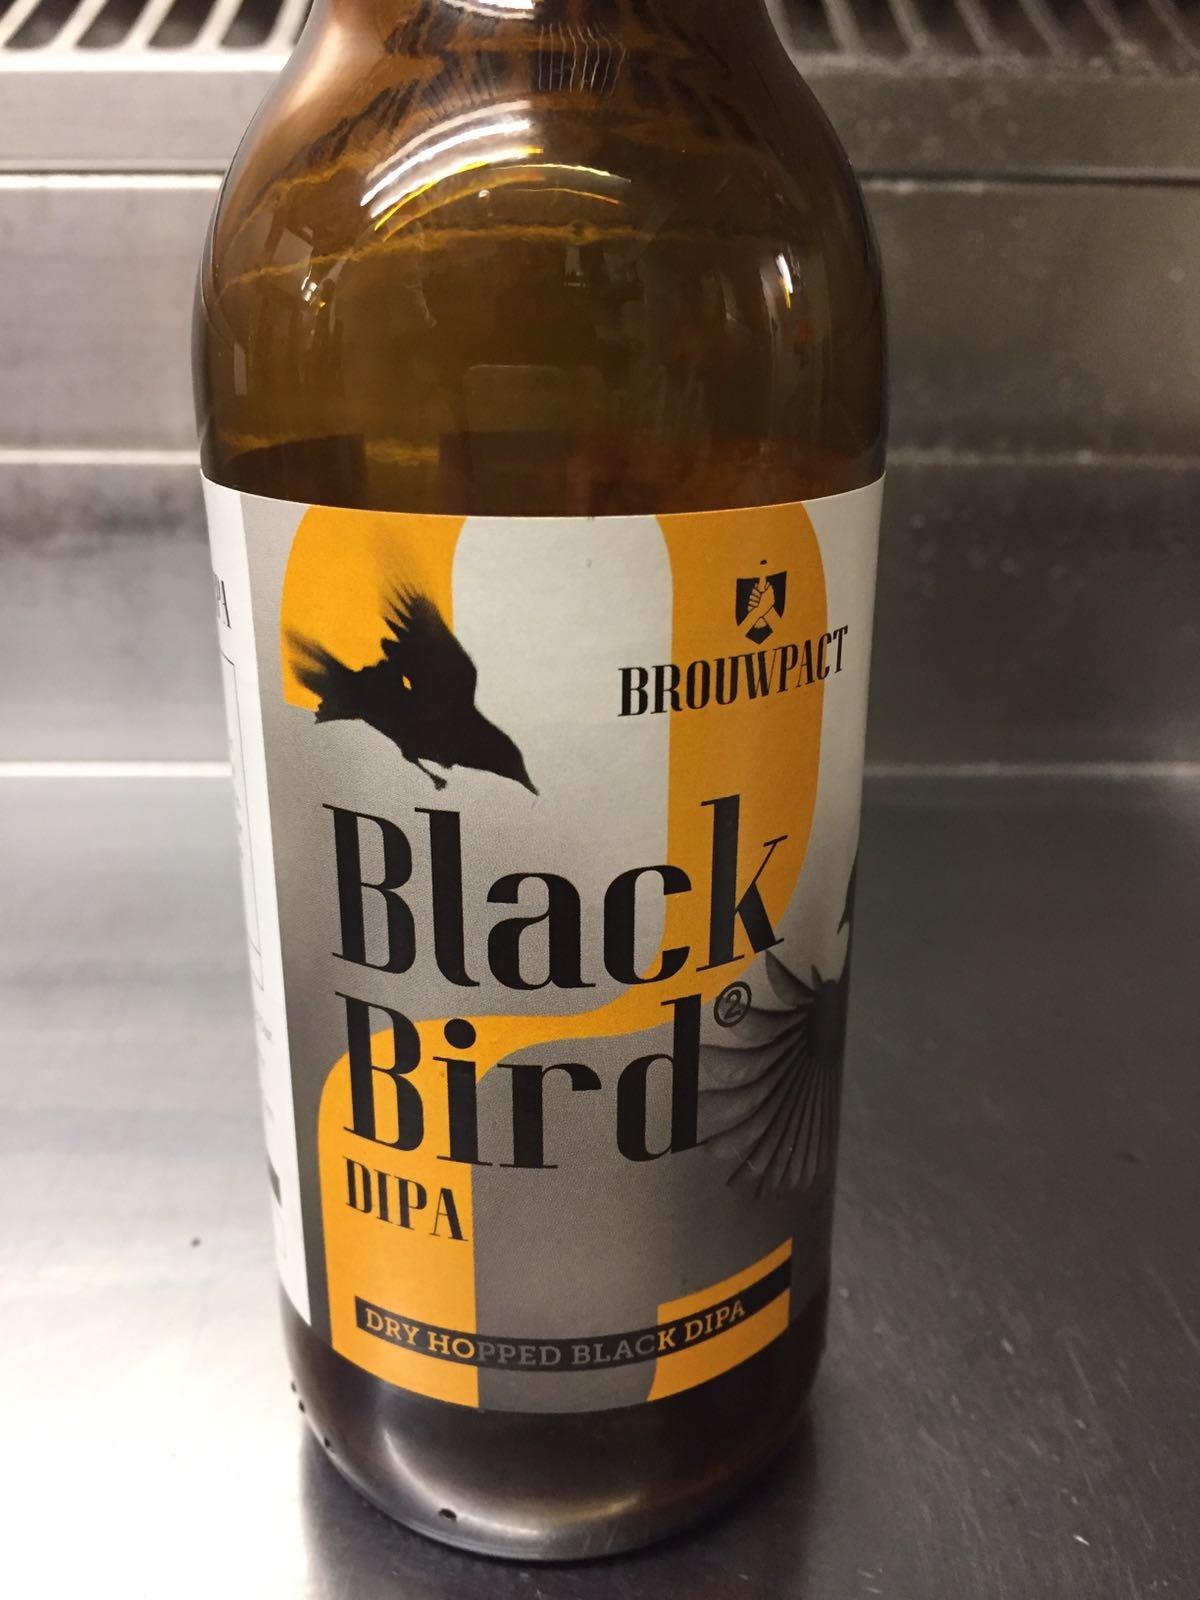 """Black Bird DIPA Herkomst: Wognum, Nederland Een gitzwarte Indian Pale Ale. Bij deze I.P.A. is de techniek van Dry Hopping toegepast. Een techniek waarbij een """"theebuiltje"""" toegevoegd bij tijdens de lagering of zelfs gisting. Black Bird DIPA is afkomstig van brouwerij Brouwpact. Een brouwerij die pas sinds 2014 bestaat en ontstaan is door passie voor speciaalbier. De smaak doet ons denken aan een stout. Smaak van espresso, laurier en cacao. Een stevige dropgeur ontdek je meteen zodra je het bier inschenkt. Het bier bevat een alcoholpercentage van 7,4%. Advies serveertemperatuur: 8 à 9 graden. Zeker niet te koud drinken."""